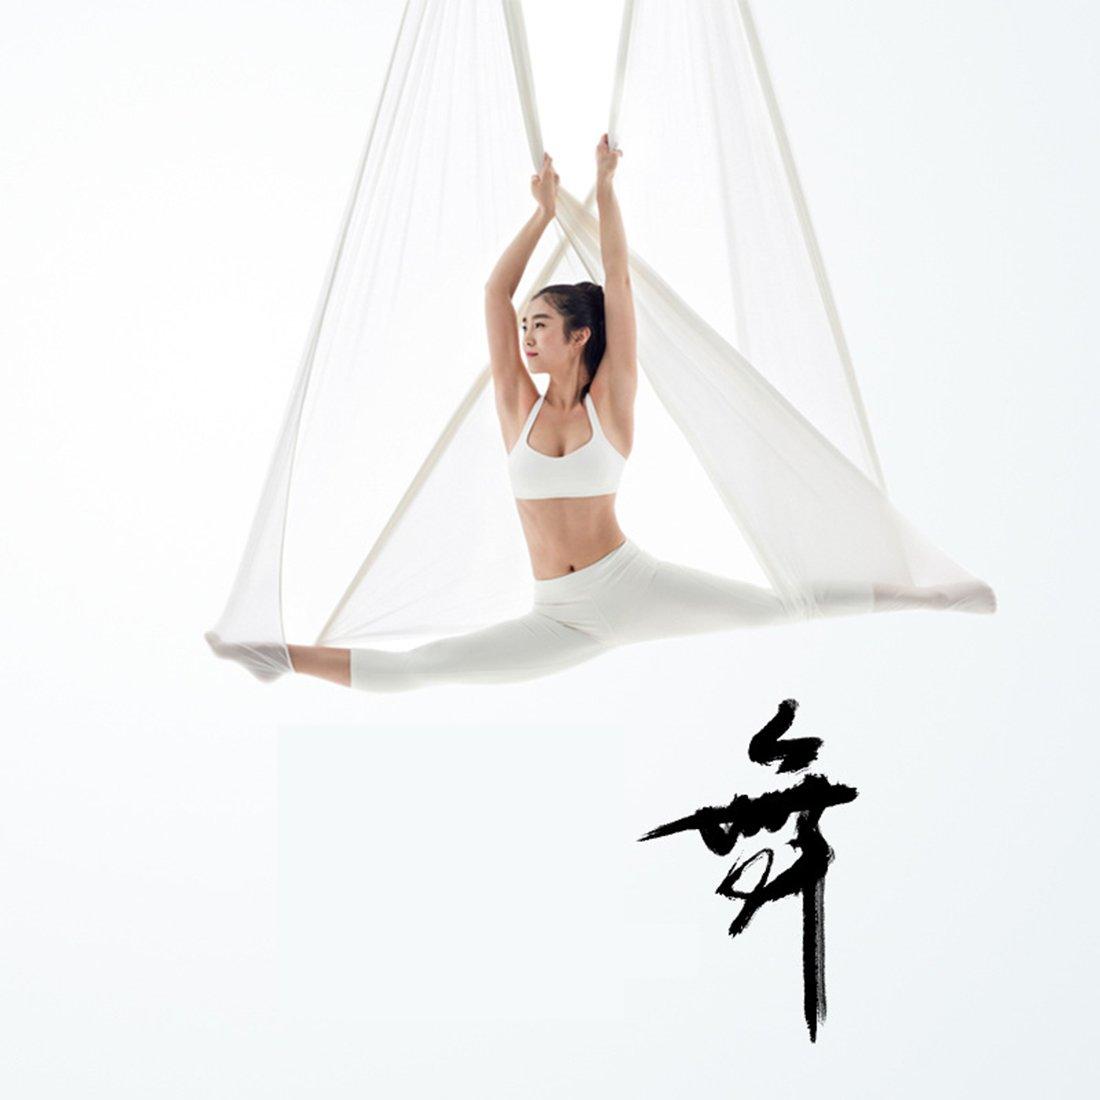 XHL Art Aerial Yoga Schaukel Stoff Stretch Durable Yoga Hängematte Antenne Seide 5 Meter Yoga Hängematte Pilates Dance Ausrüstungen,lila,XL